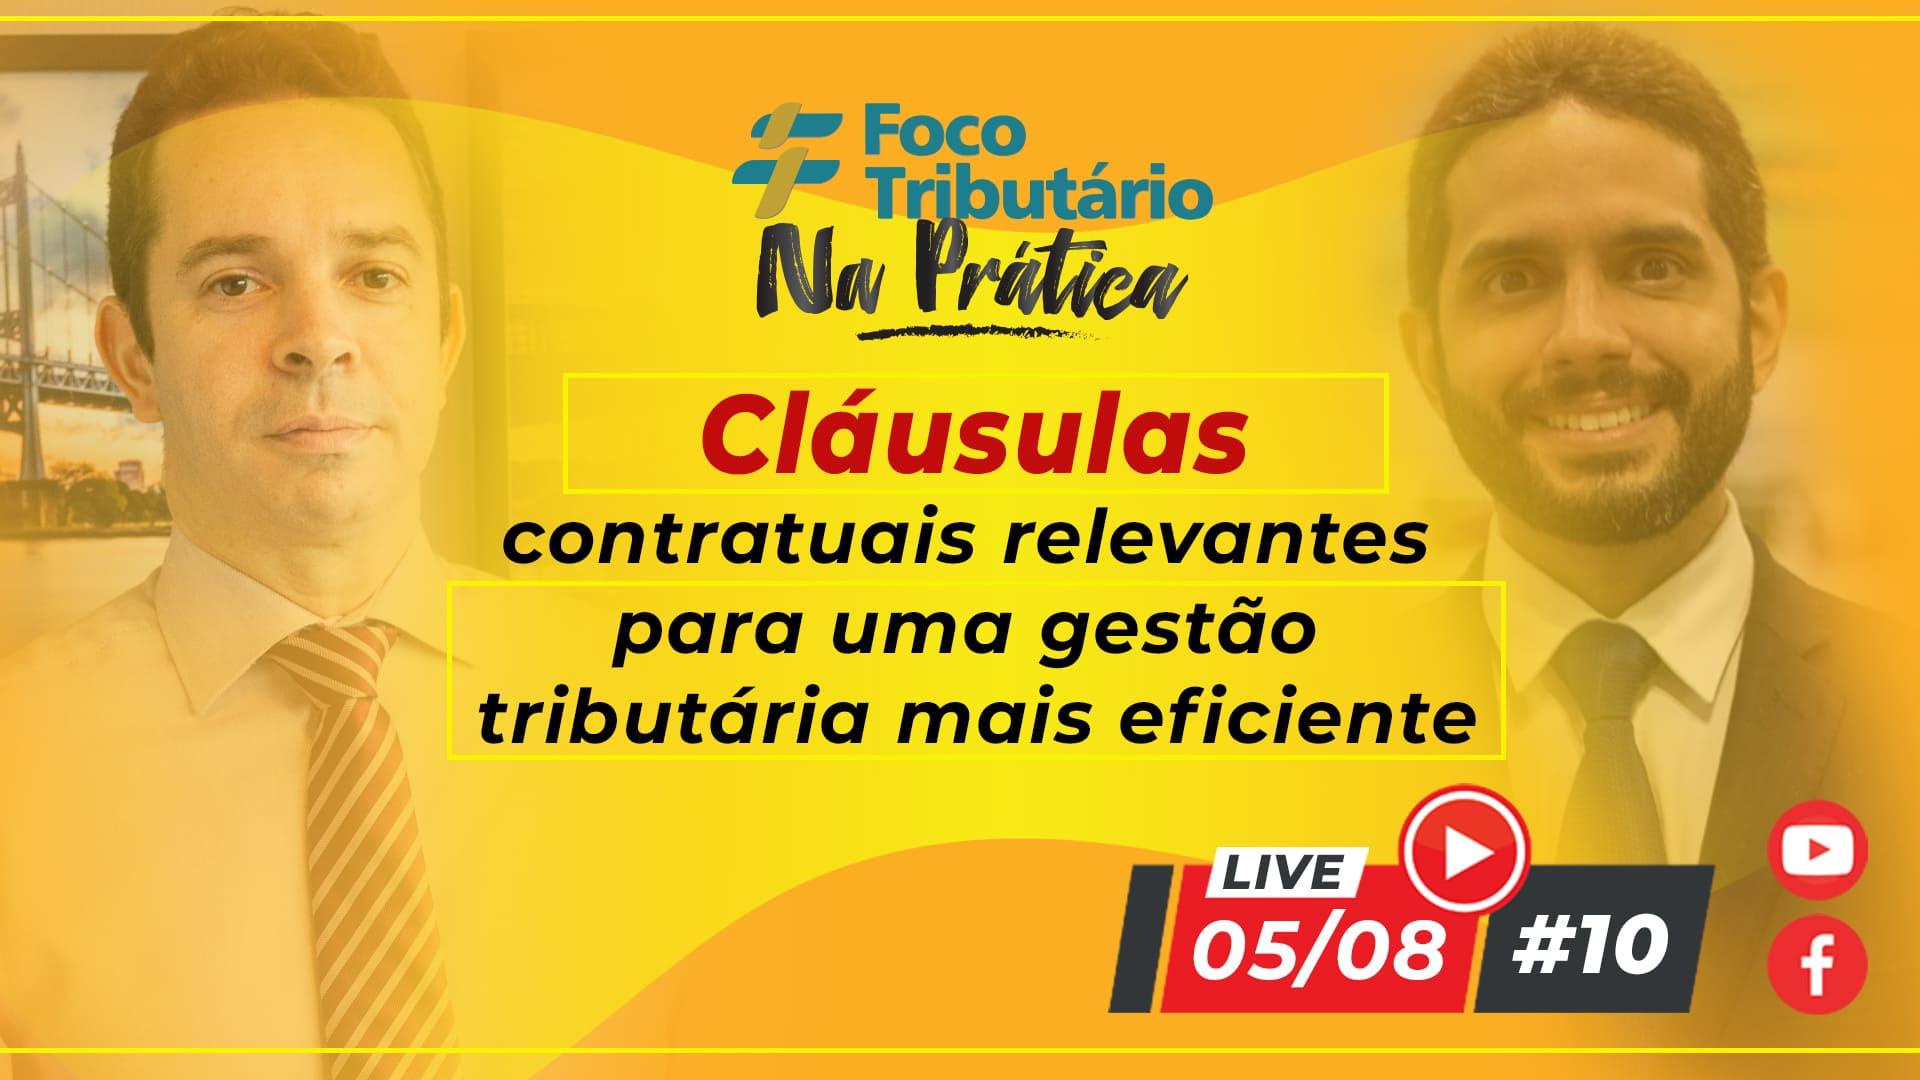 live-10-clausulas-contratuais-relevantes-para-uma-gestao-tributaria-mais-eficiente-ft-na-pratica